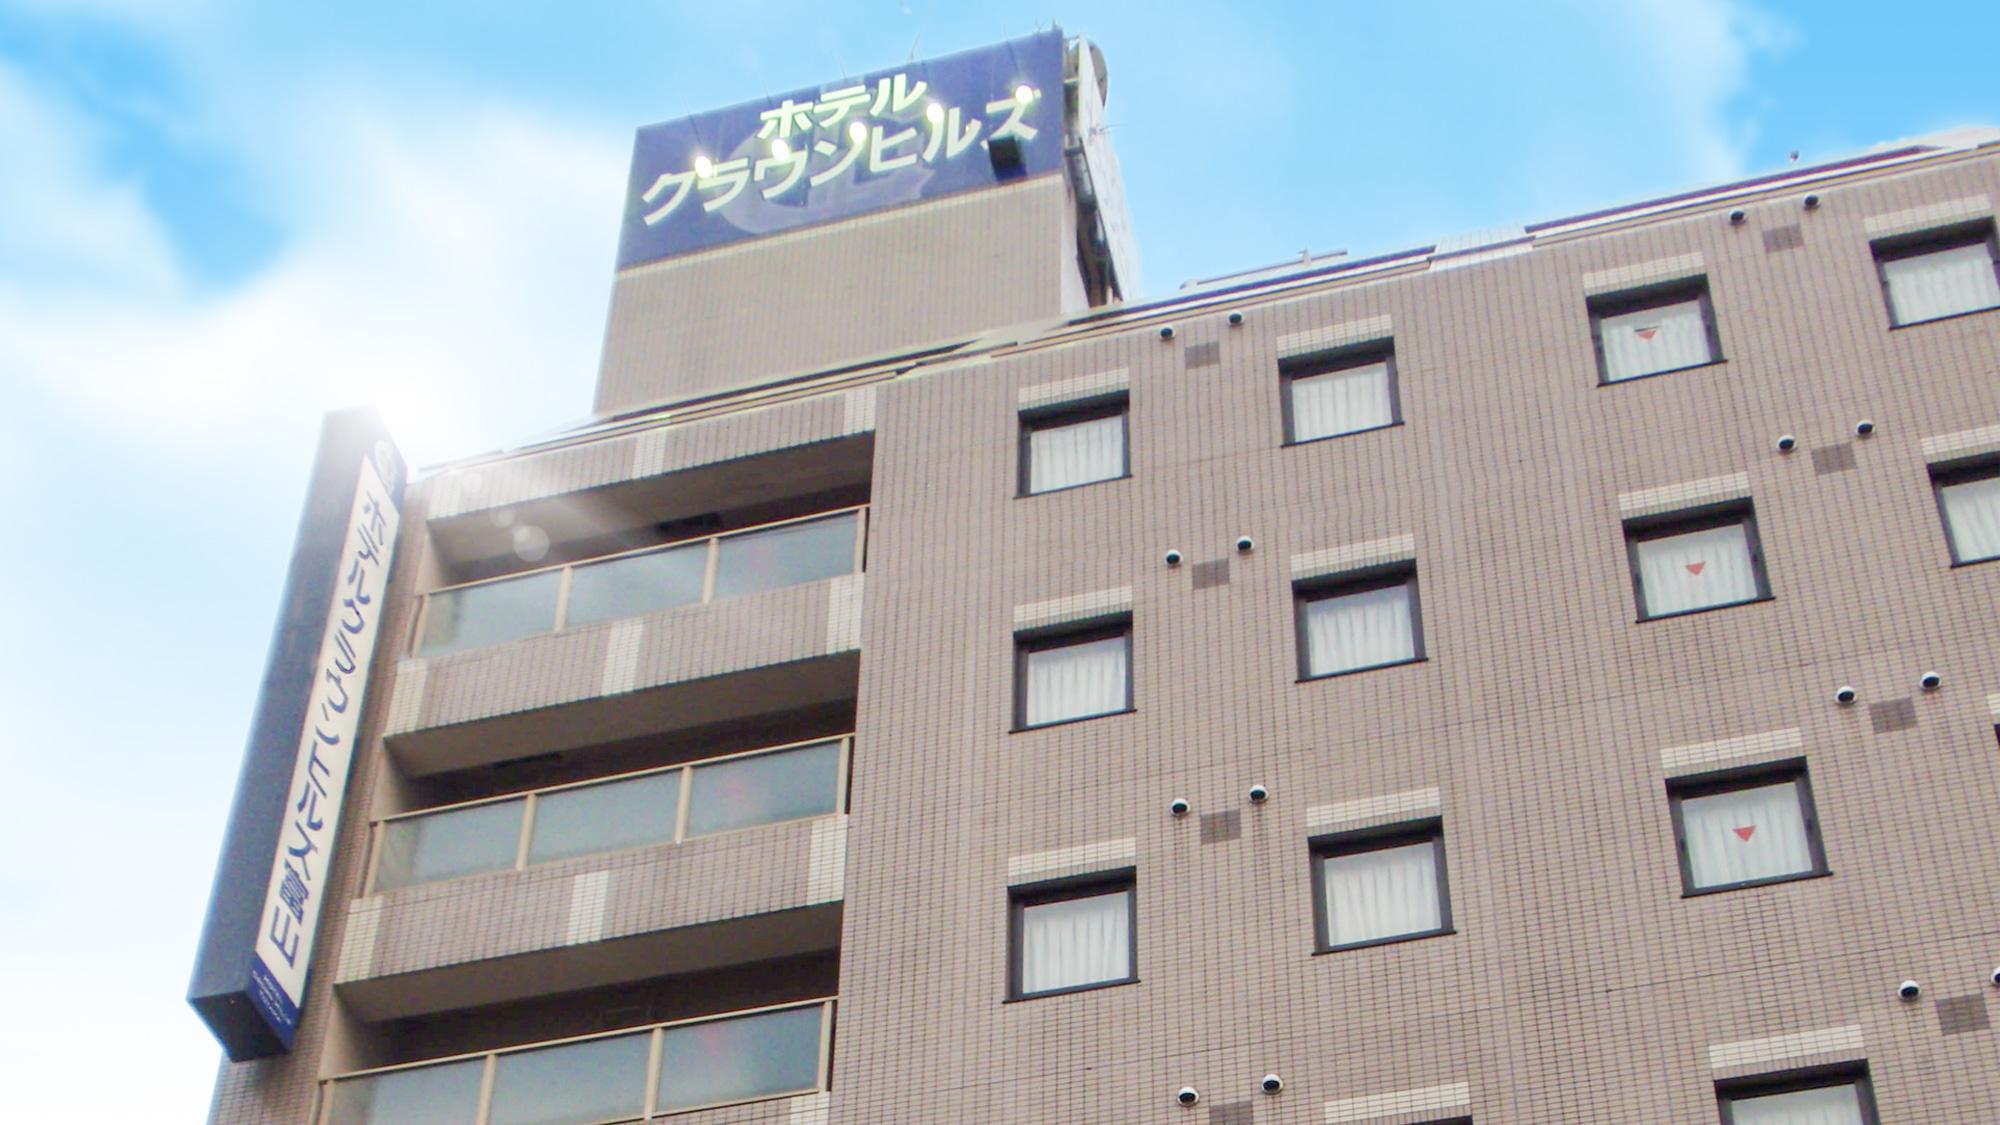 ホテルクラウンヒルズ富山 桜町